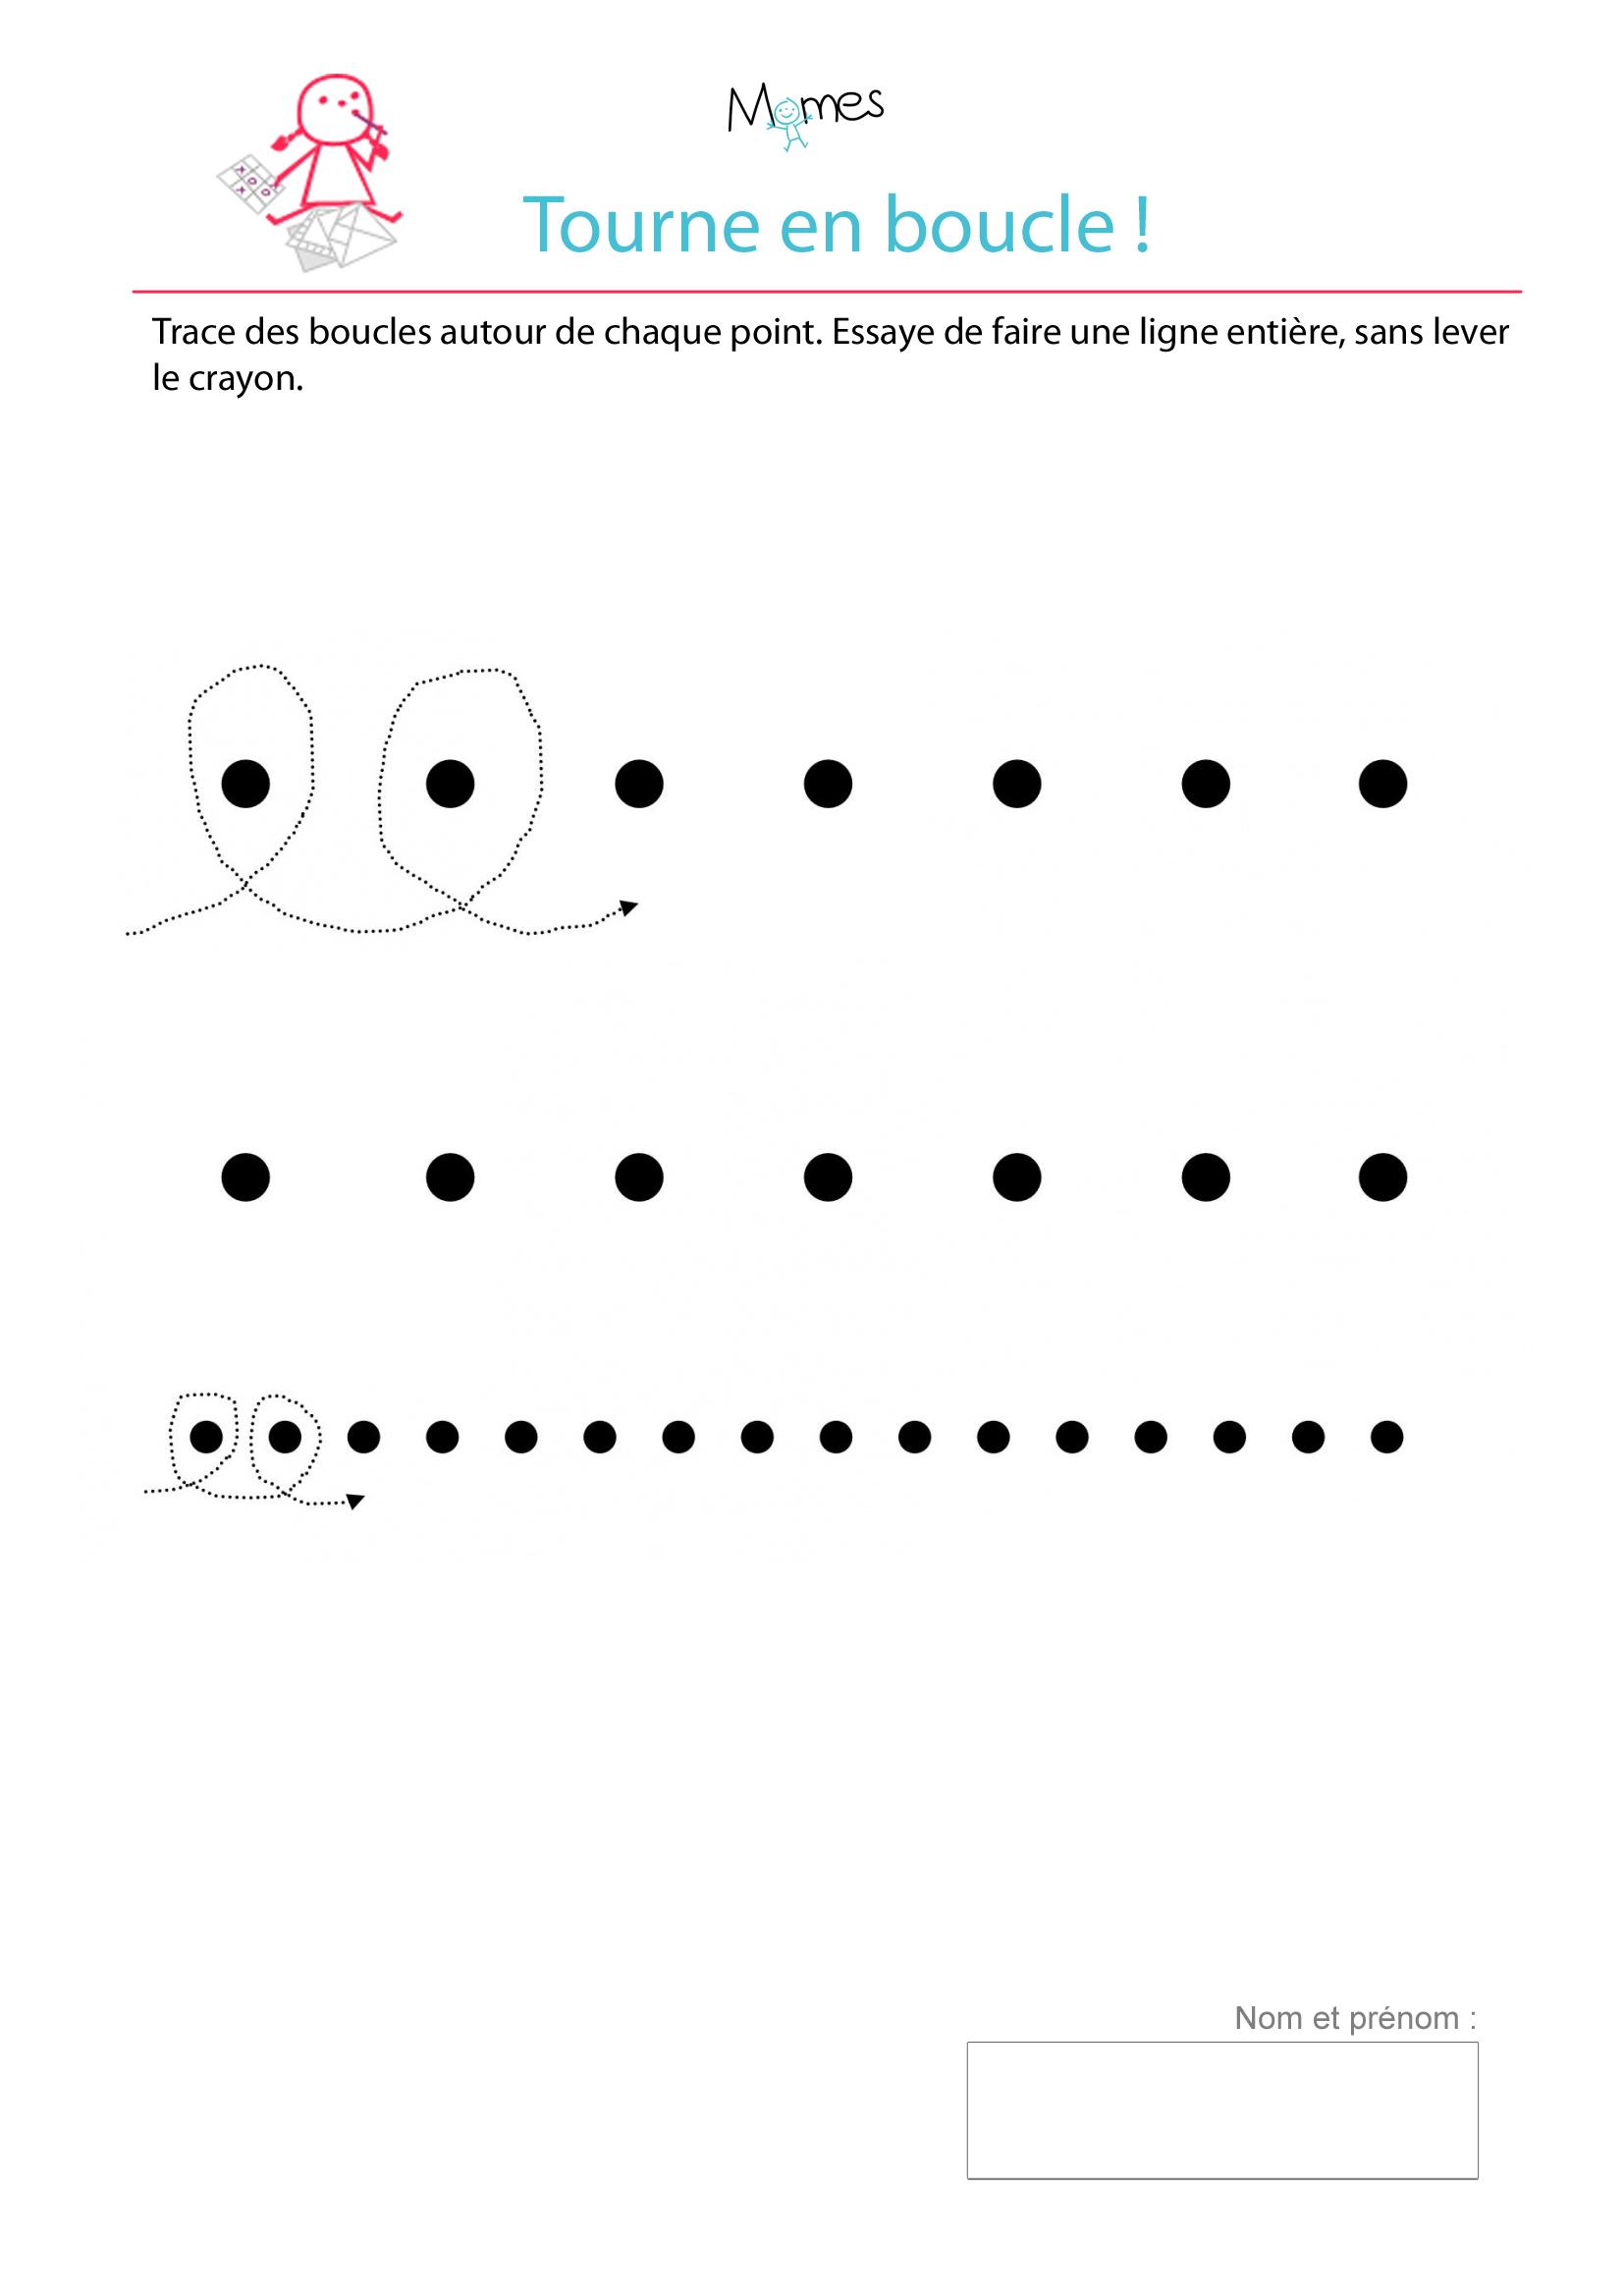 Exercice D'écriture : Tracer Des Boucles Autour De Points dedans Feuille D Ecriture Maternelle À Imprimer